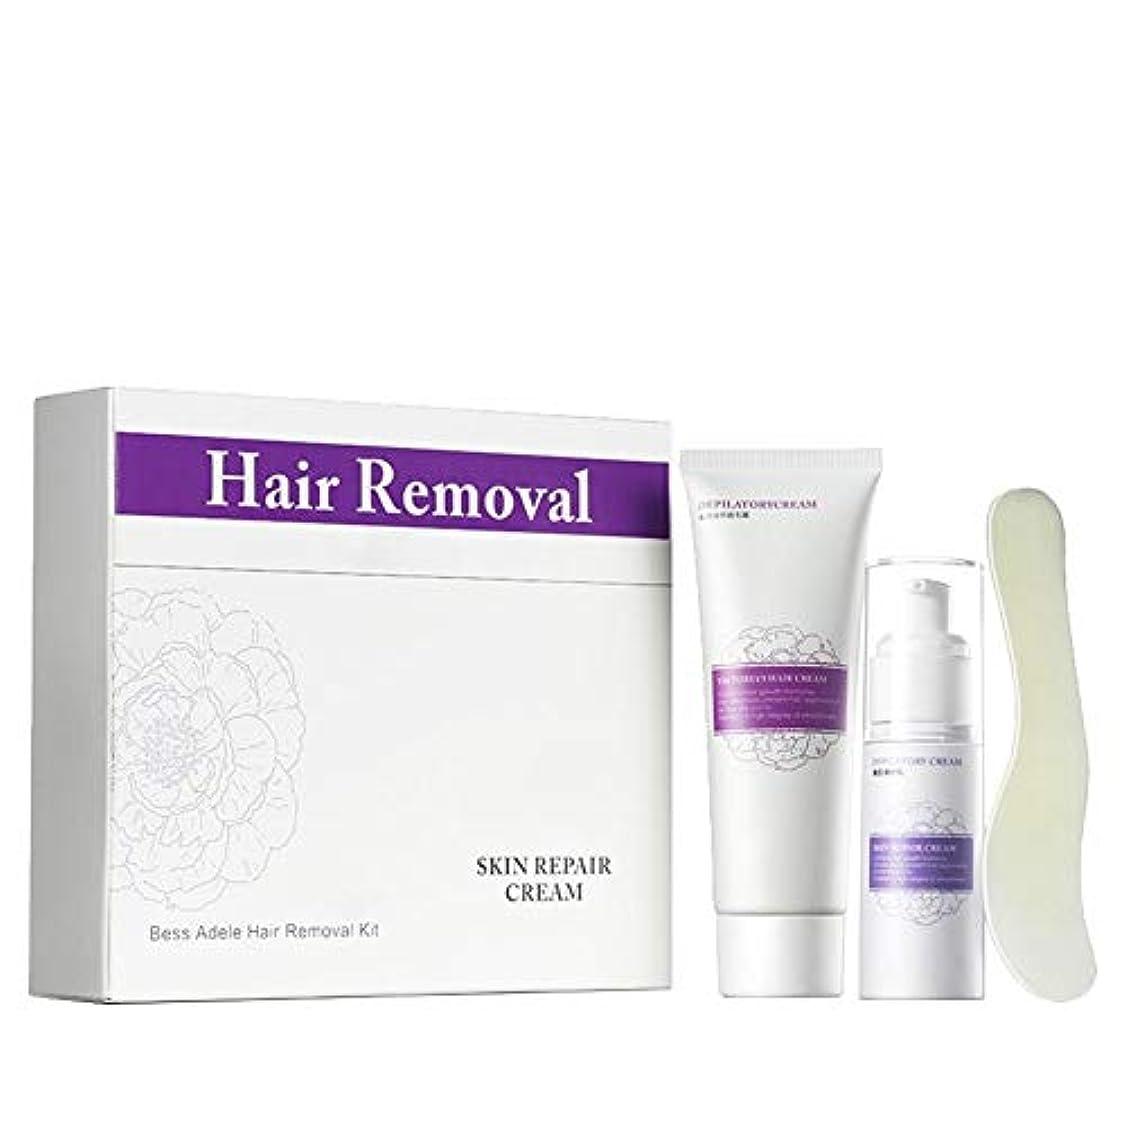 花筋肉の動員する除毛クリーム 修復用ミルクスクレーパー優しい脱毛は肌を傷つけません、ファースト&シンプル、肌の潤いを和らげ、保ちます